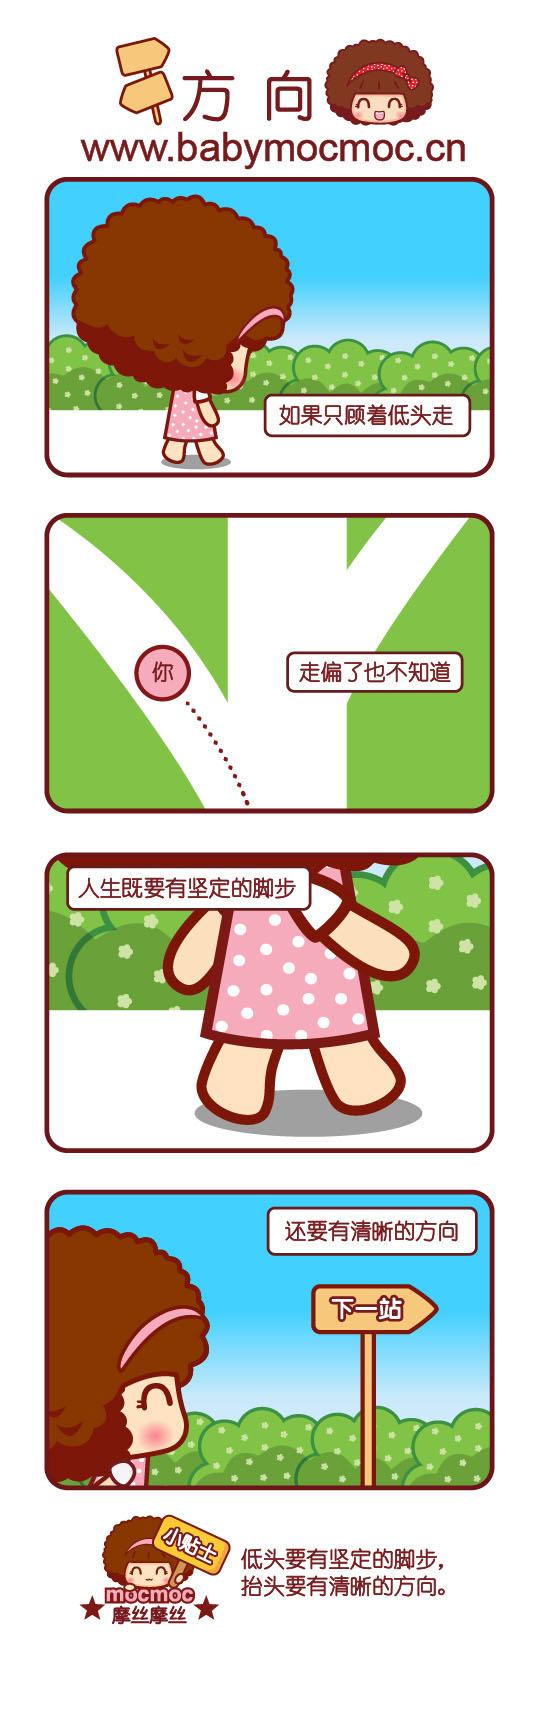 来福岛搞笑图片